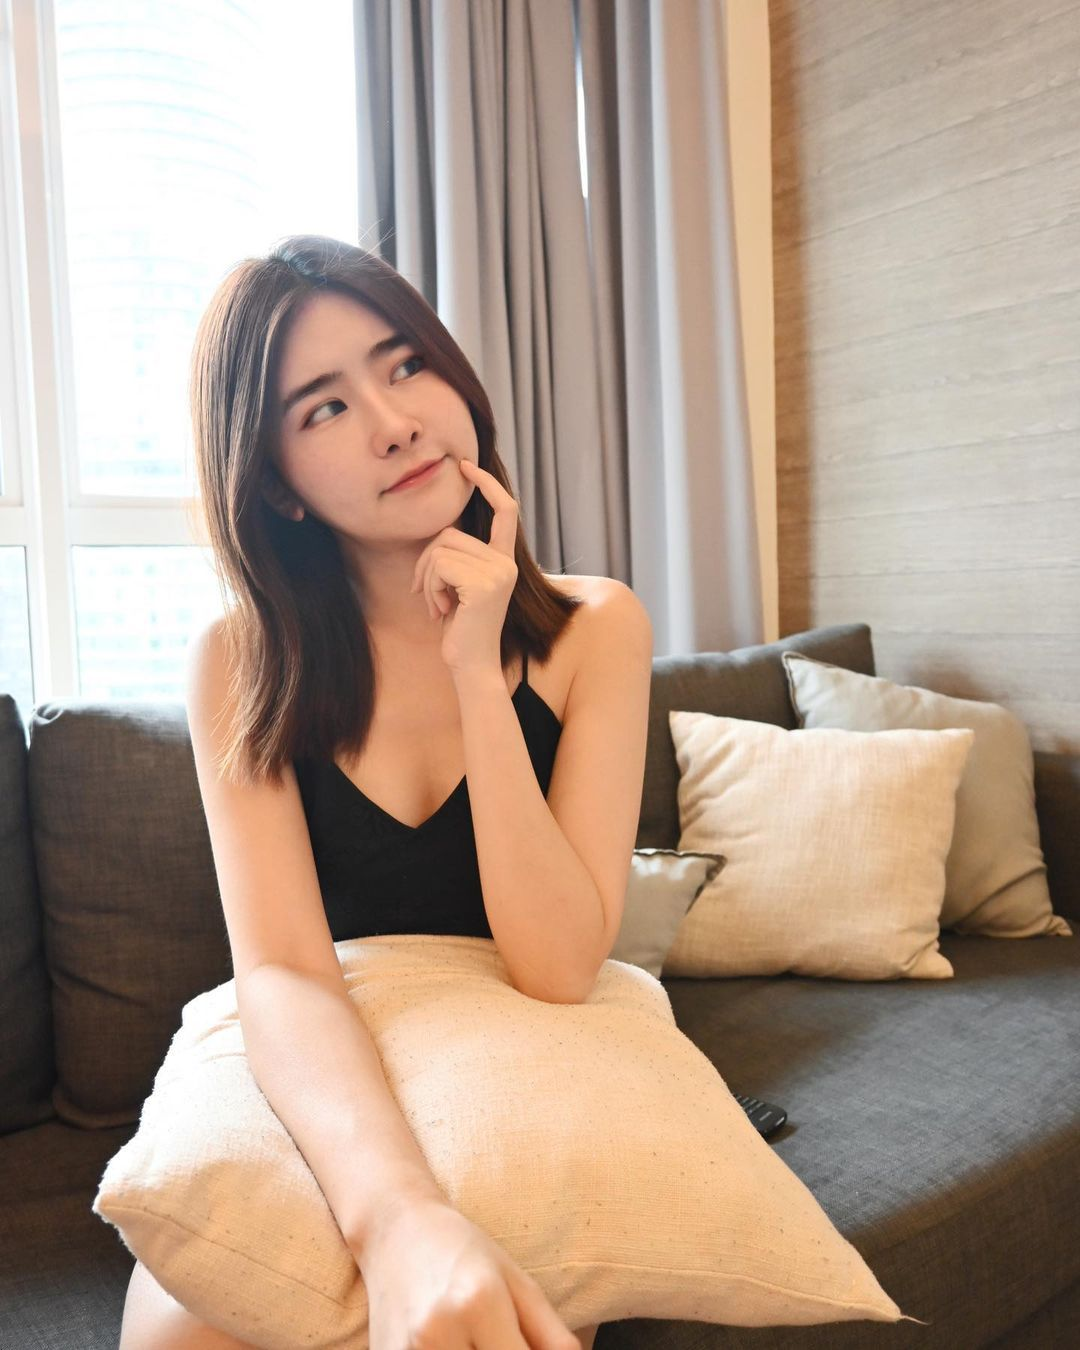 蔡昀希清新气质美女宛如仙女下凡 网络美女 第11张